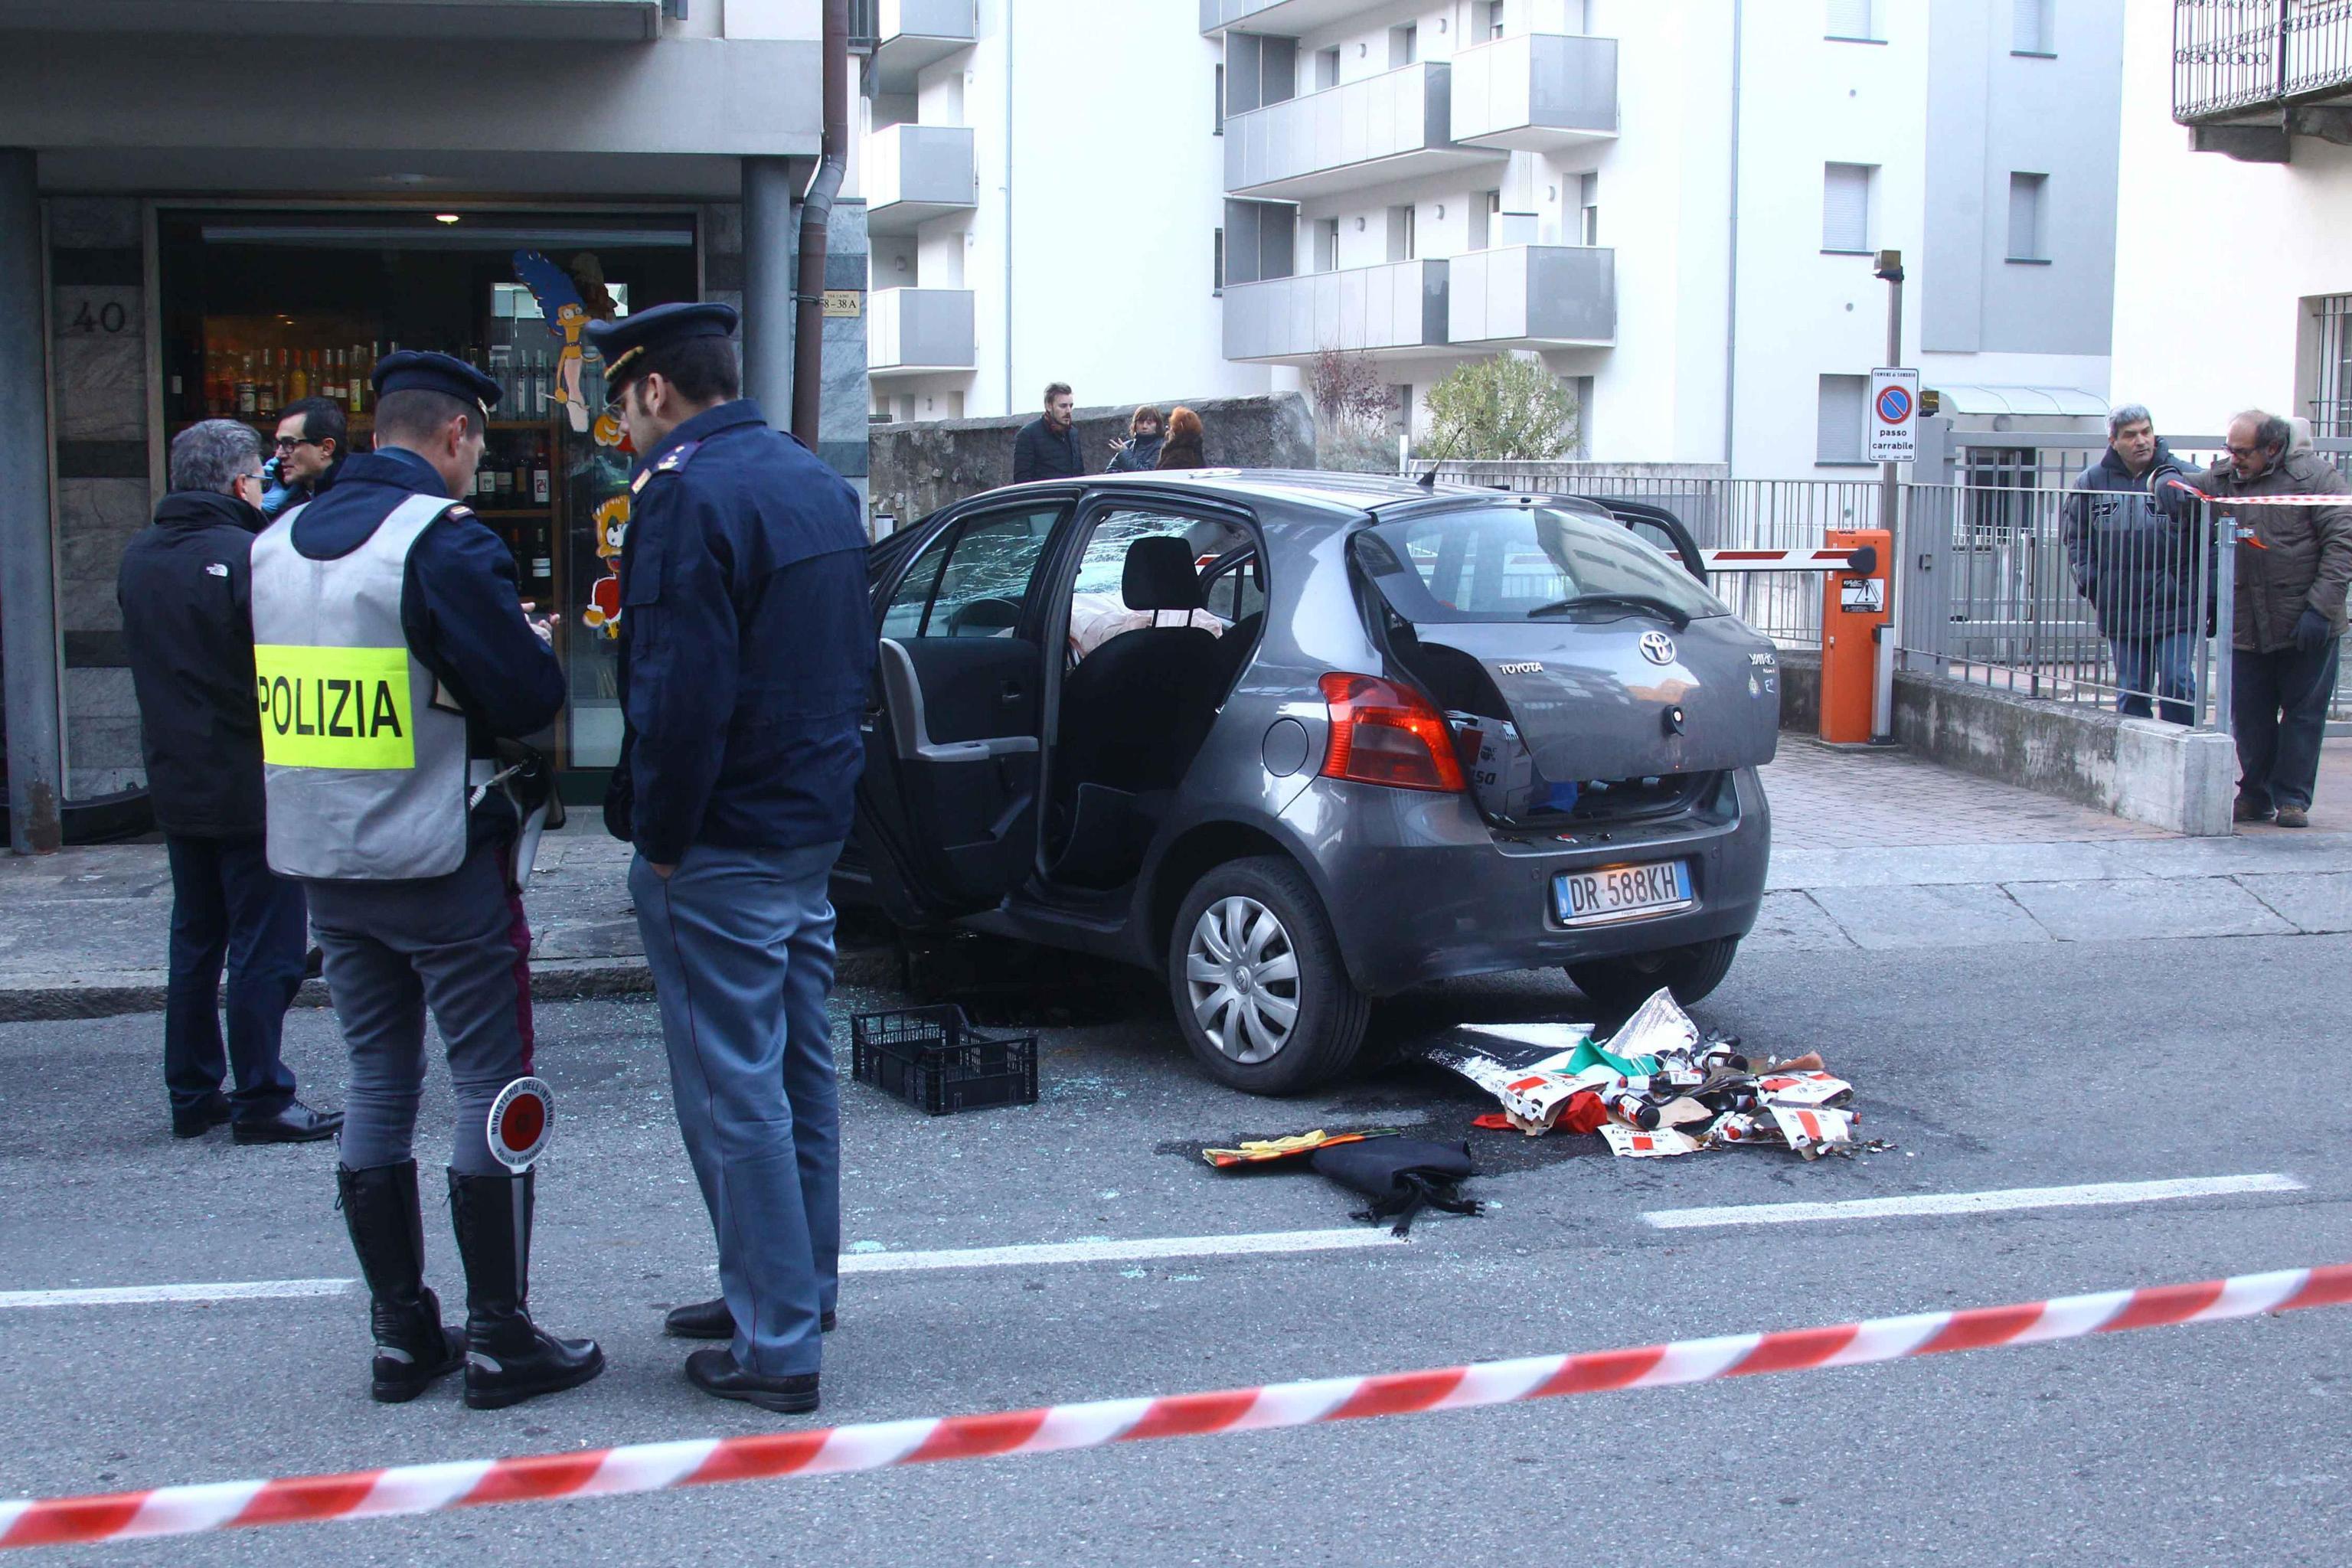 Auto sulla folla ai mercatini di Natale a Sondrio, 27enne accusato di strage: 'Ne dovevo ammazzare di più'